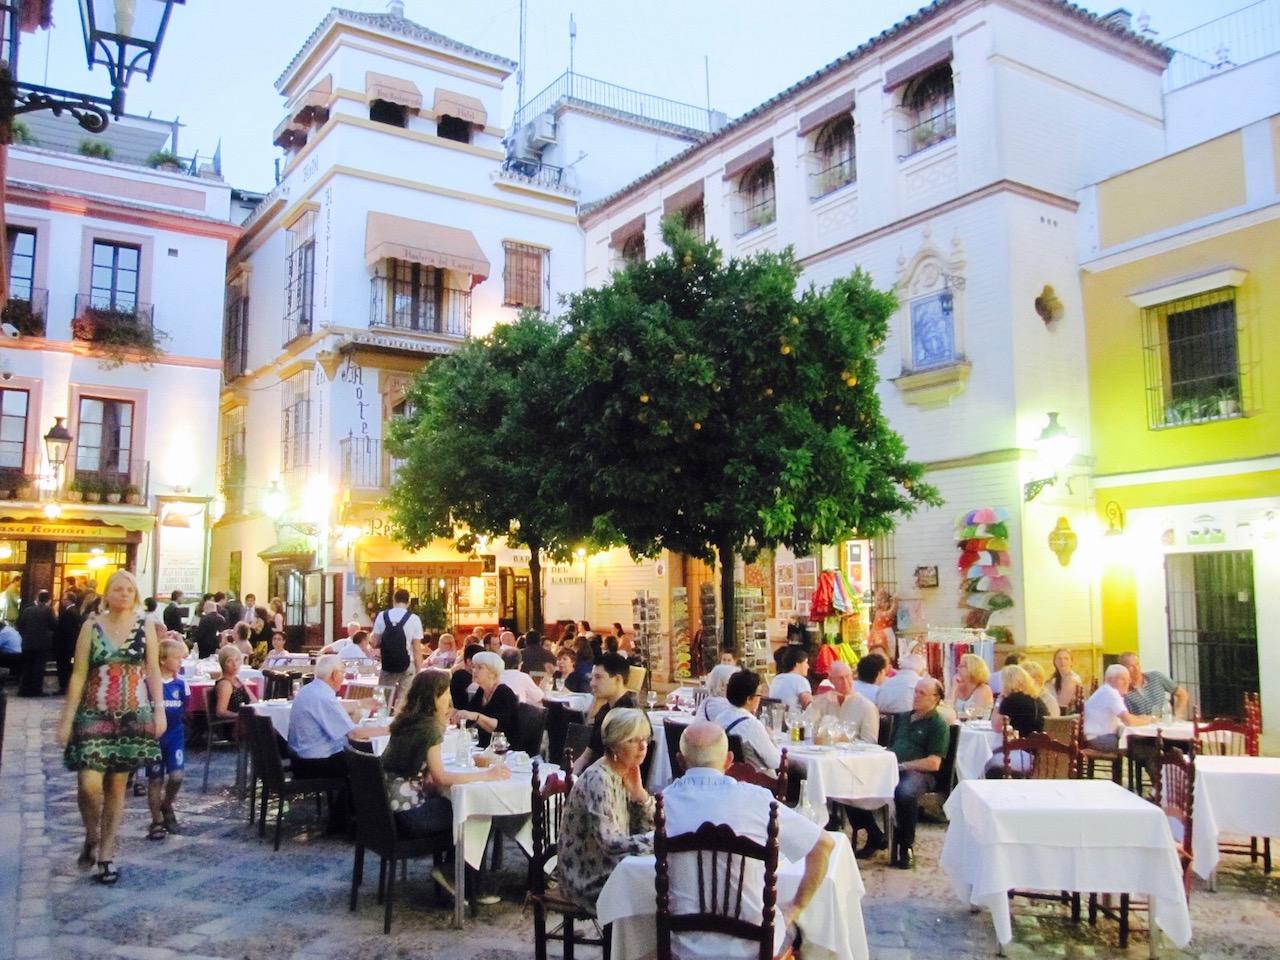 Platz in der Altstadt von Sevilla, Andalusien